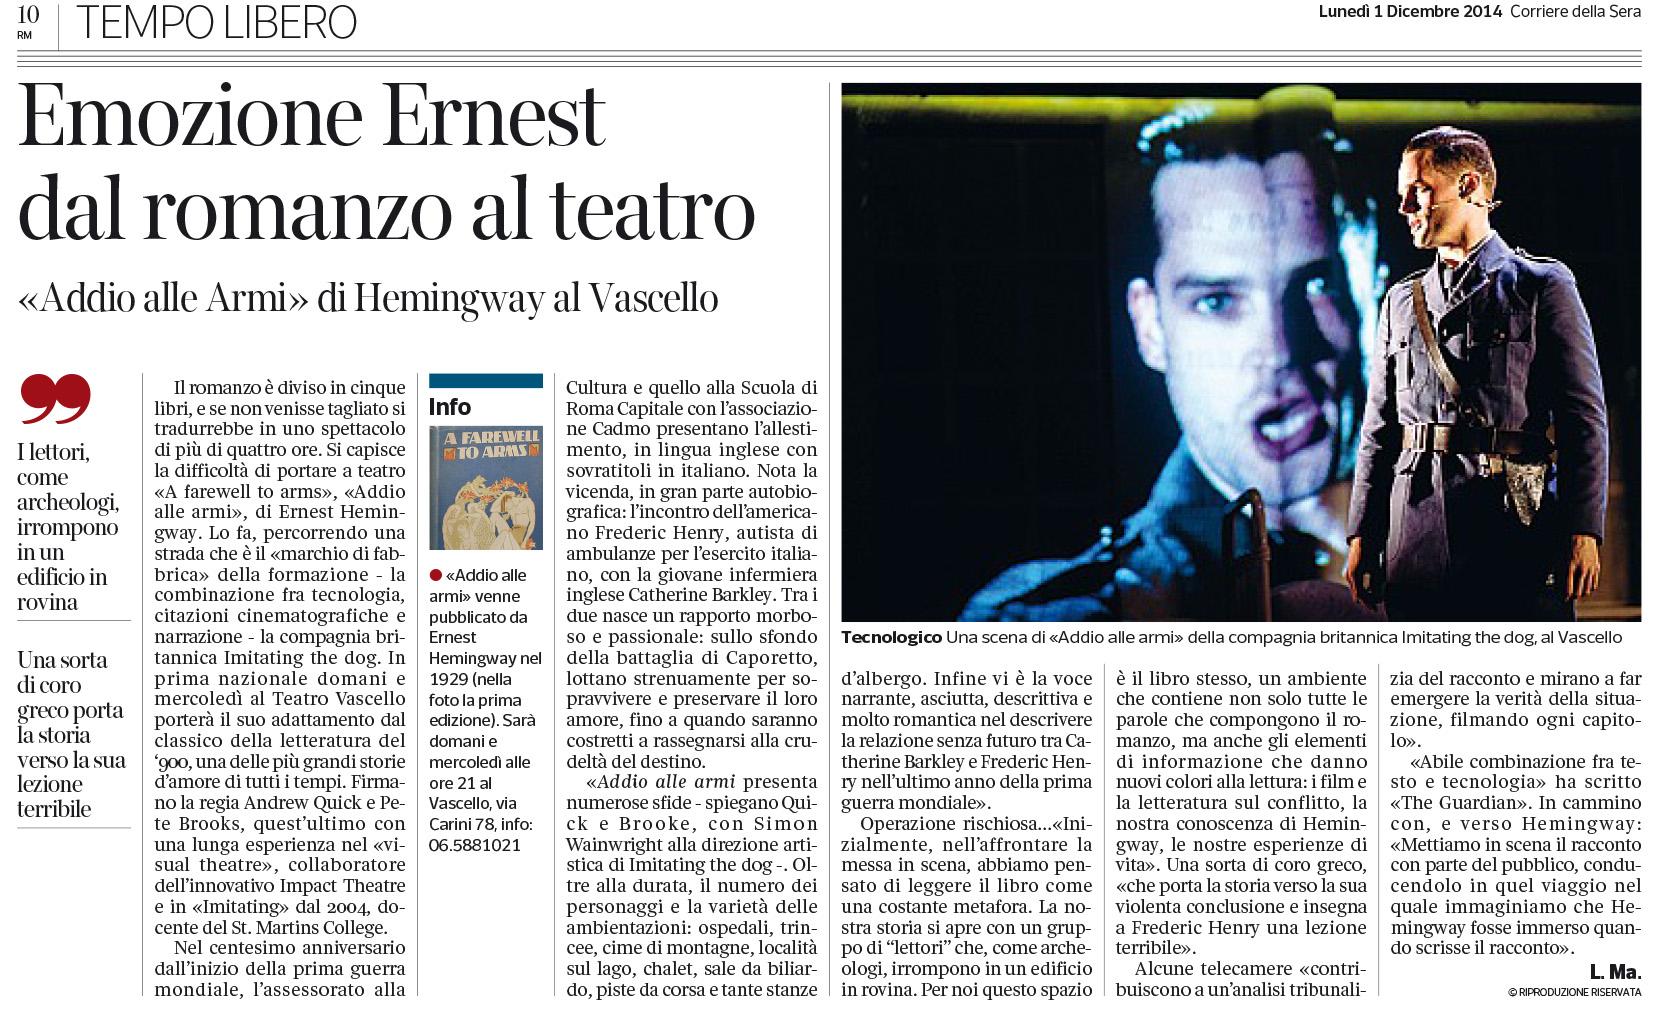 2014.12.01 Emozione Ernest dal romanzo al teatro - Corriere della Sera